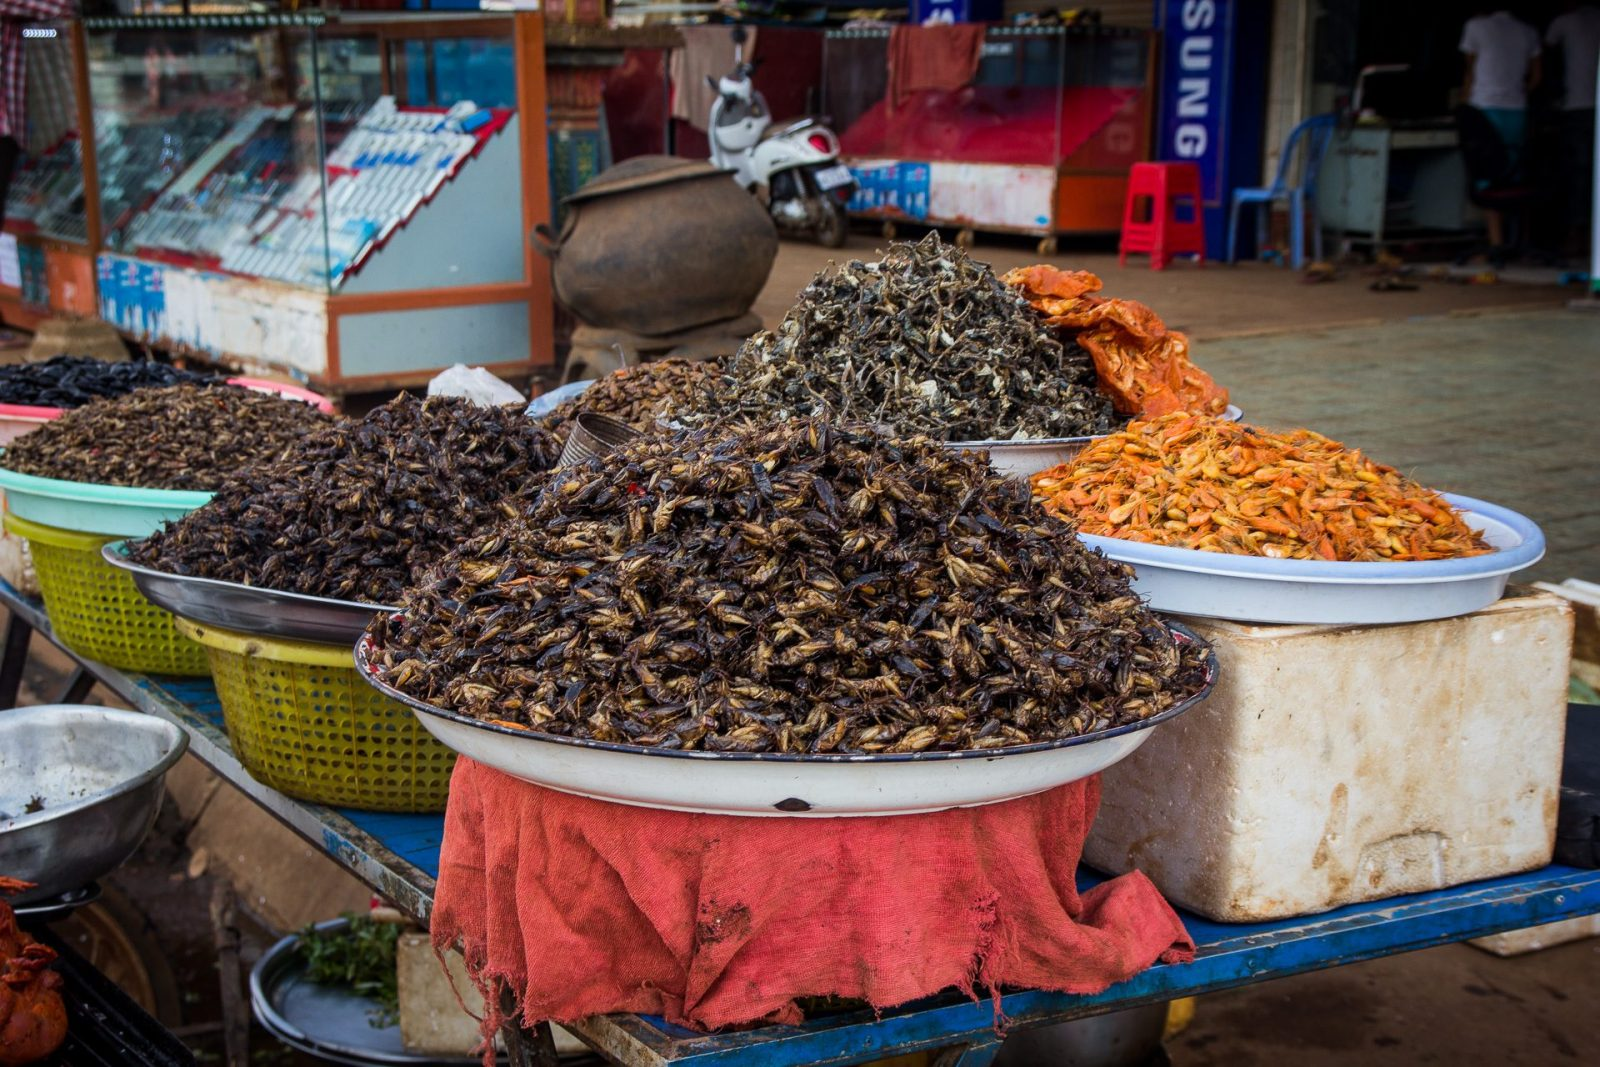 Oblíbenou hmyzí pochoutkou jsou cvrčci a švábi.